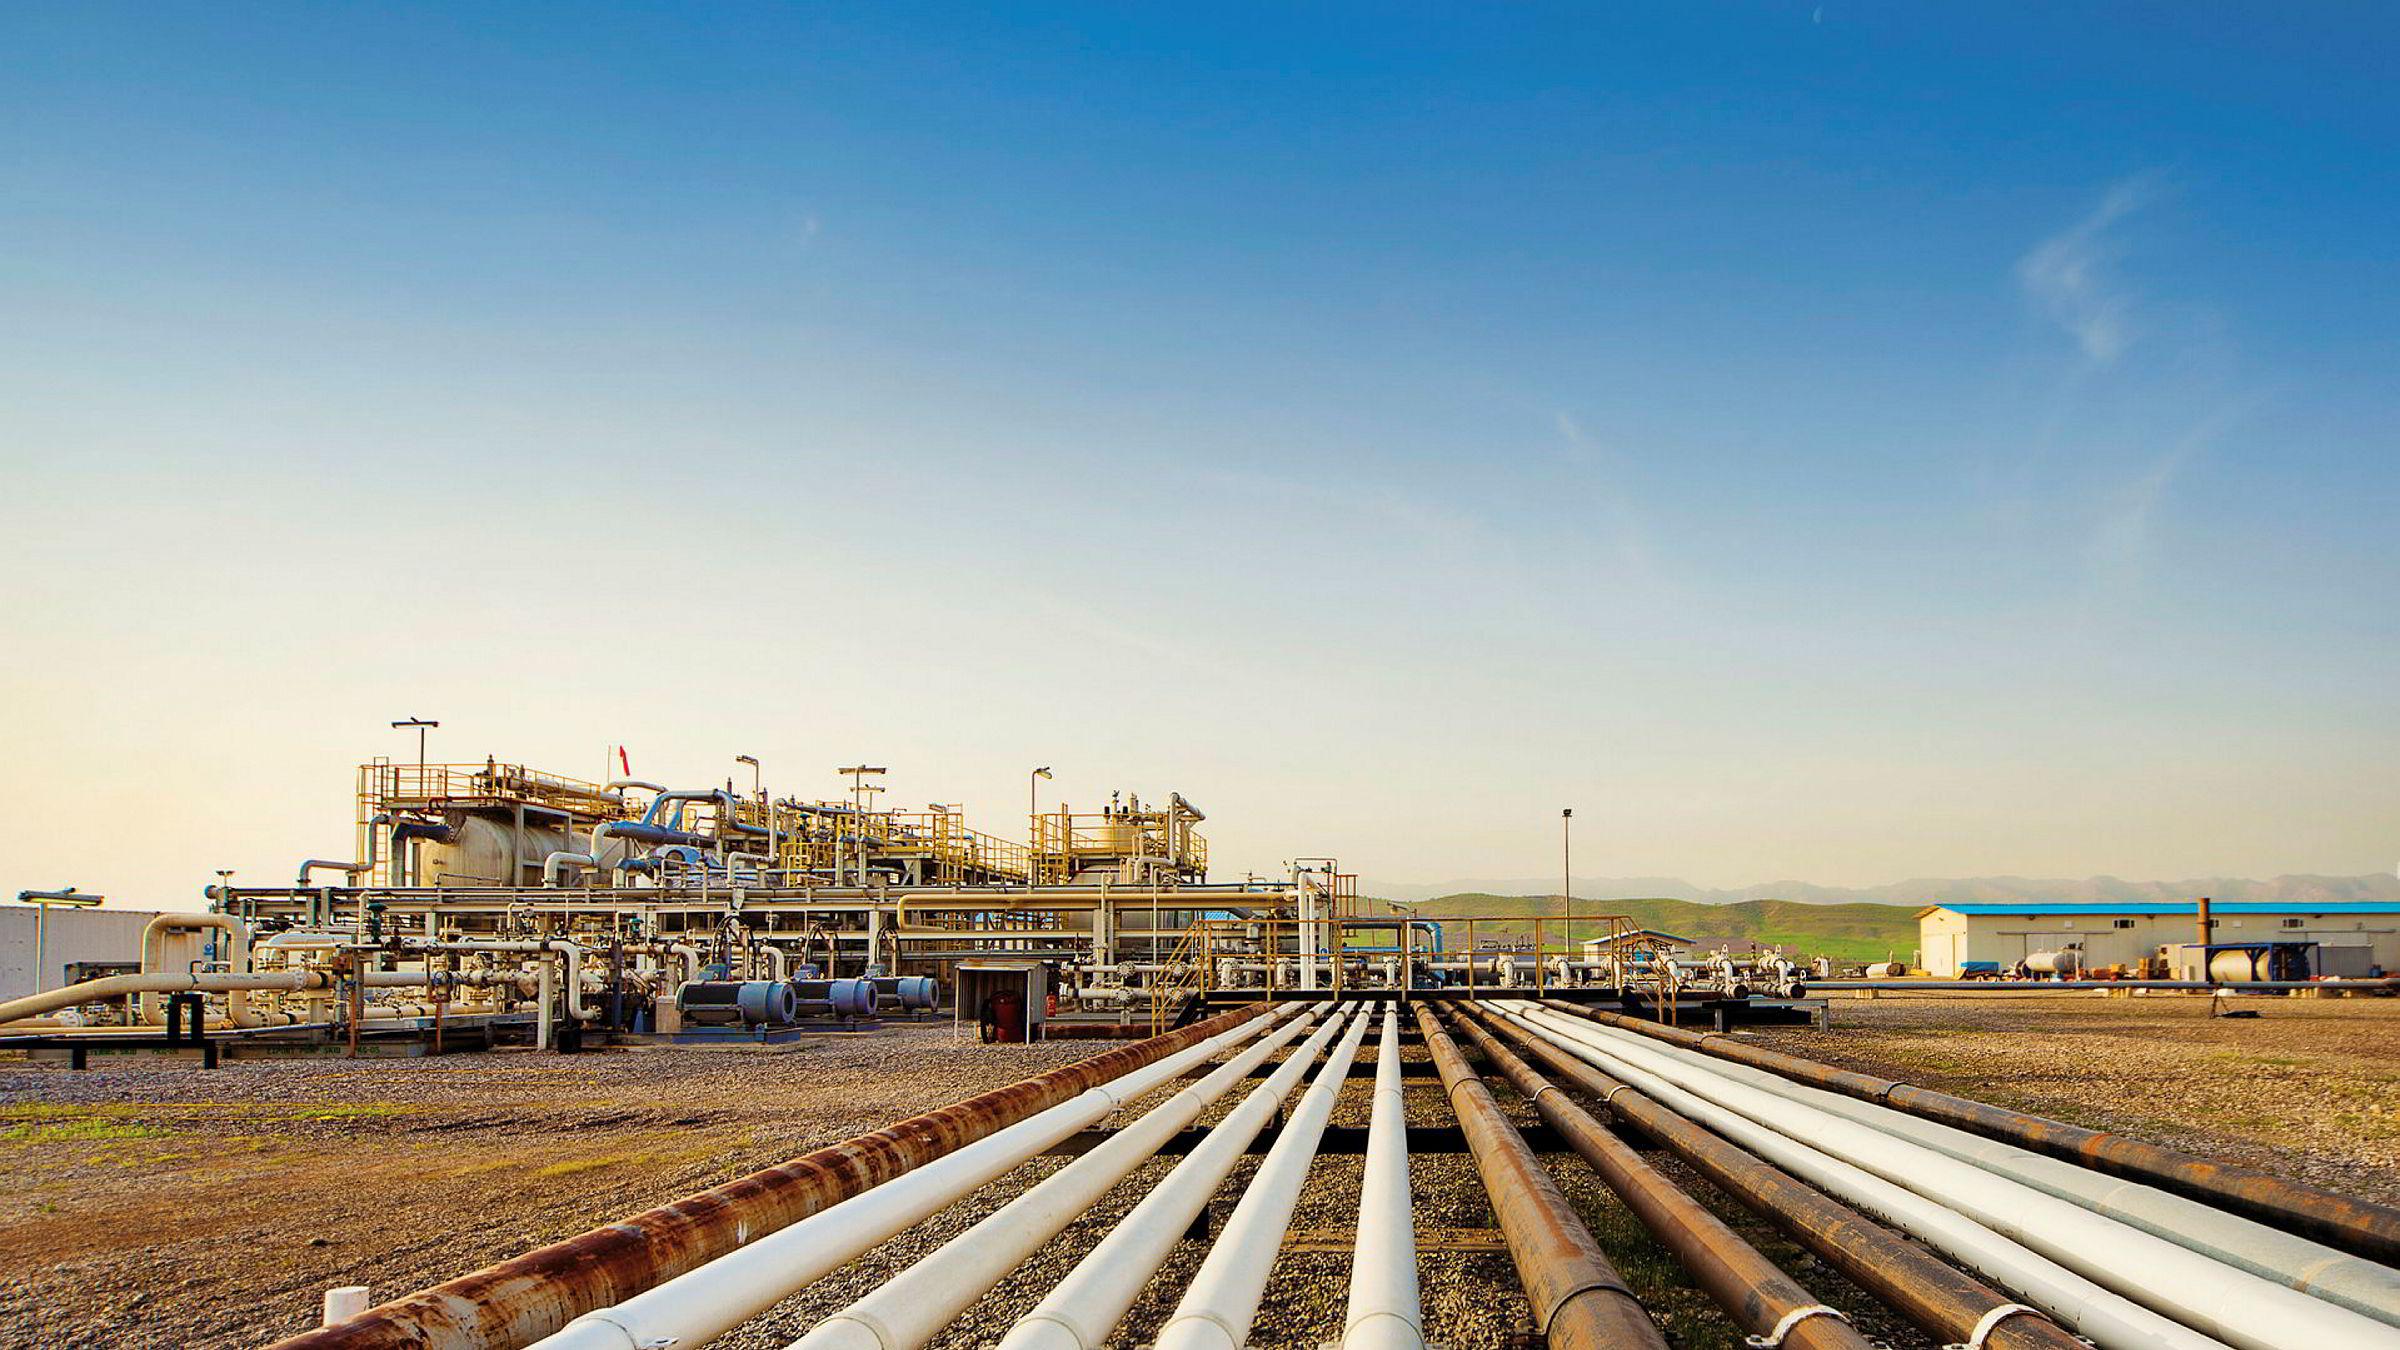 Aksjekursen i oljeselskapet DNO har steget over 30 prosent etter at det i forrige uke ble kjent at kurdiske myndigheter overfører en 20 prosent eierandel i Tawke-feltet til DNO. Radiograf Ivar Arvid Molvær er blant de største aksjonærene i DNO.